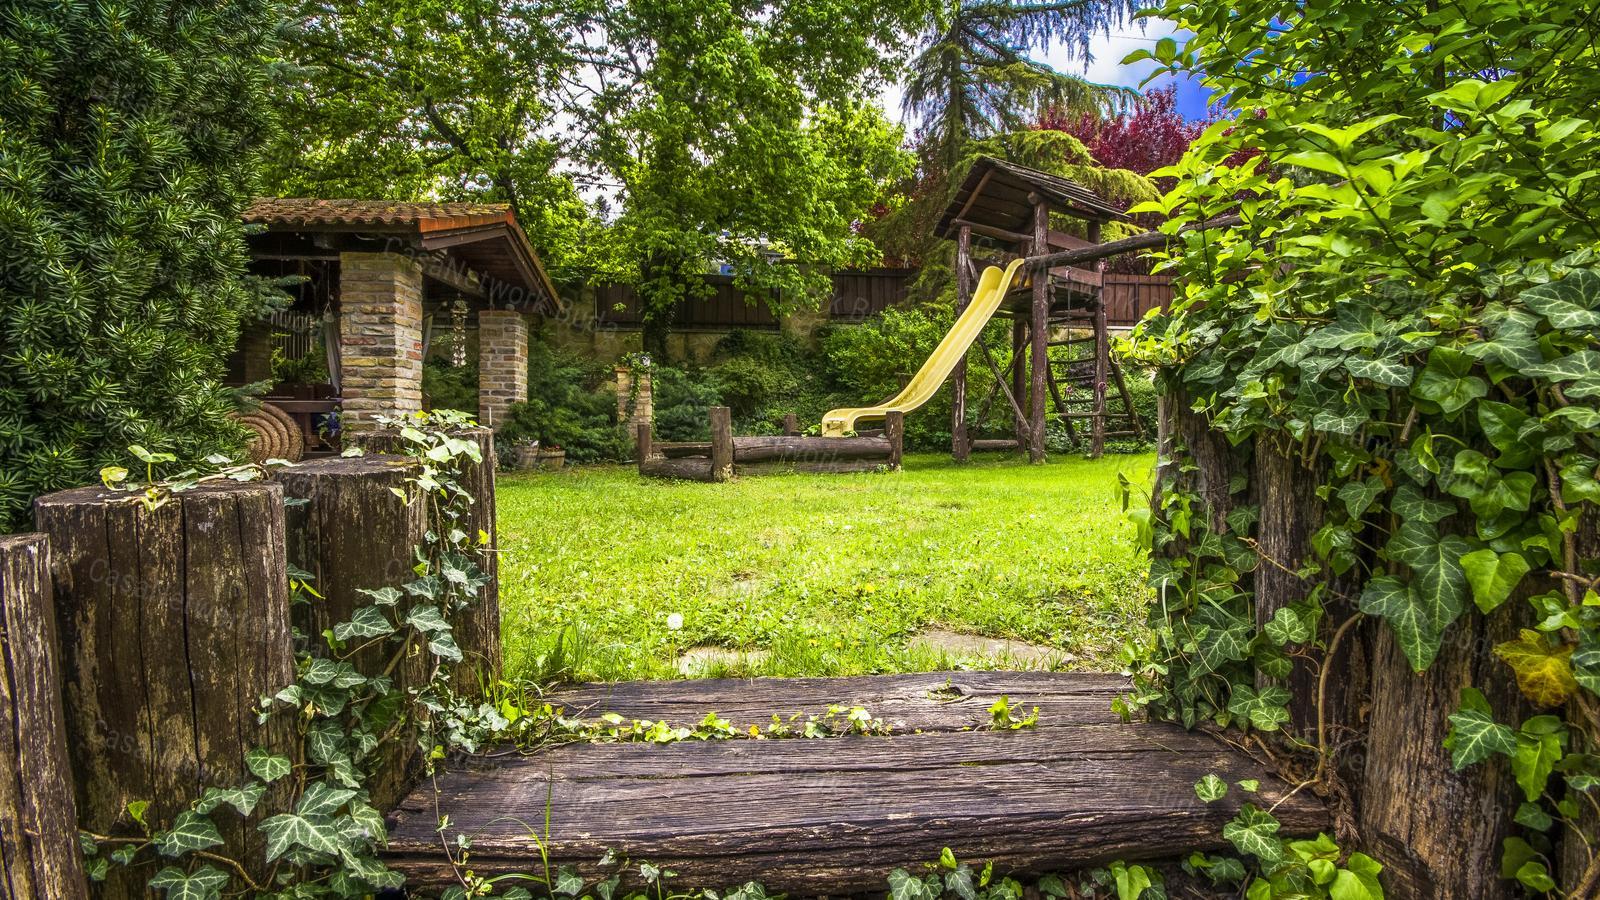 Eladó családi ház, Pest megye, Diósd - sz.: 181600116 - CasaNetWork.hu